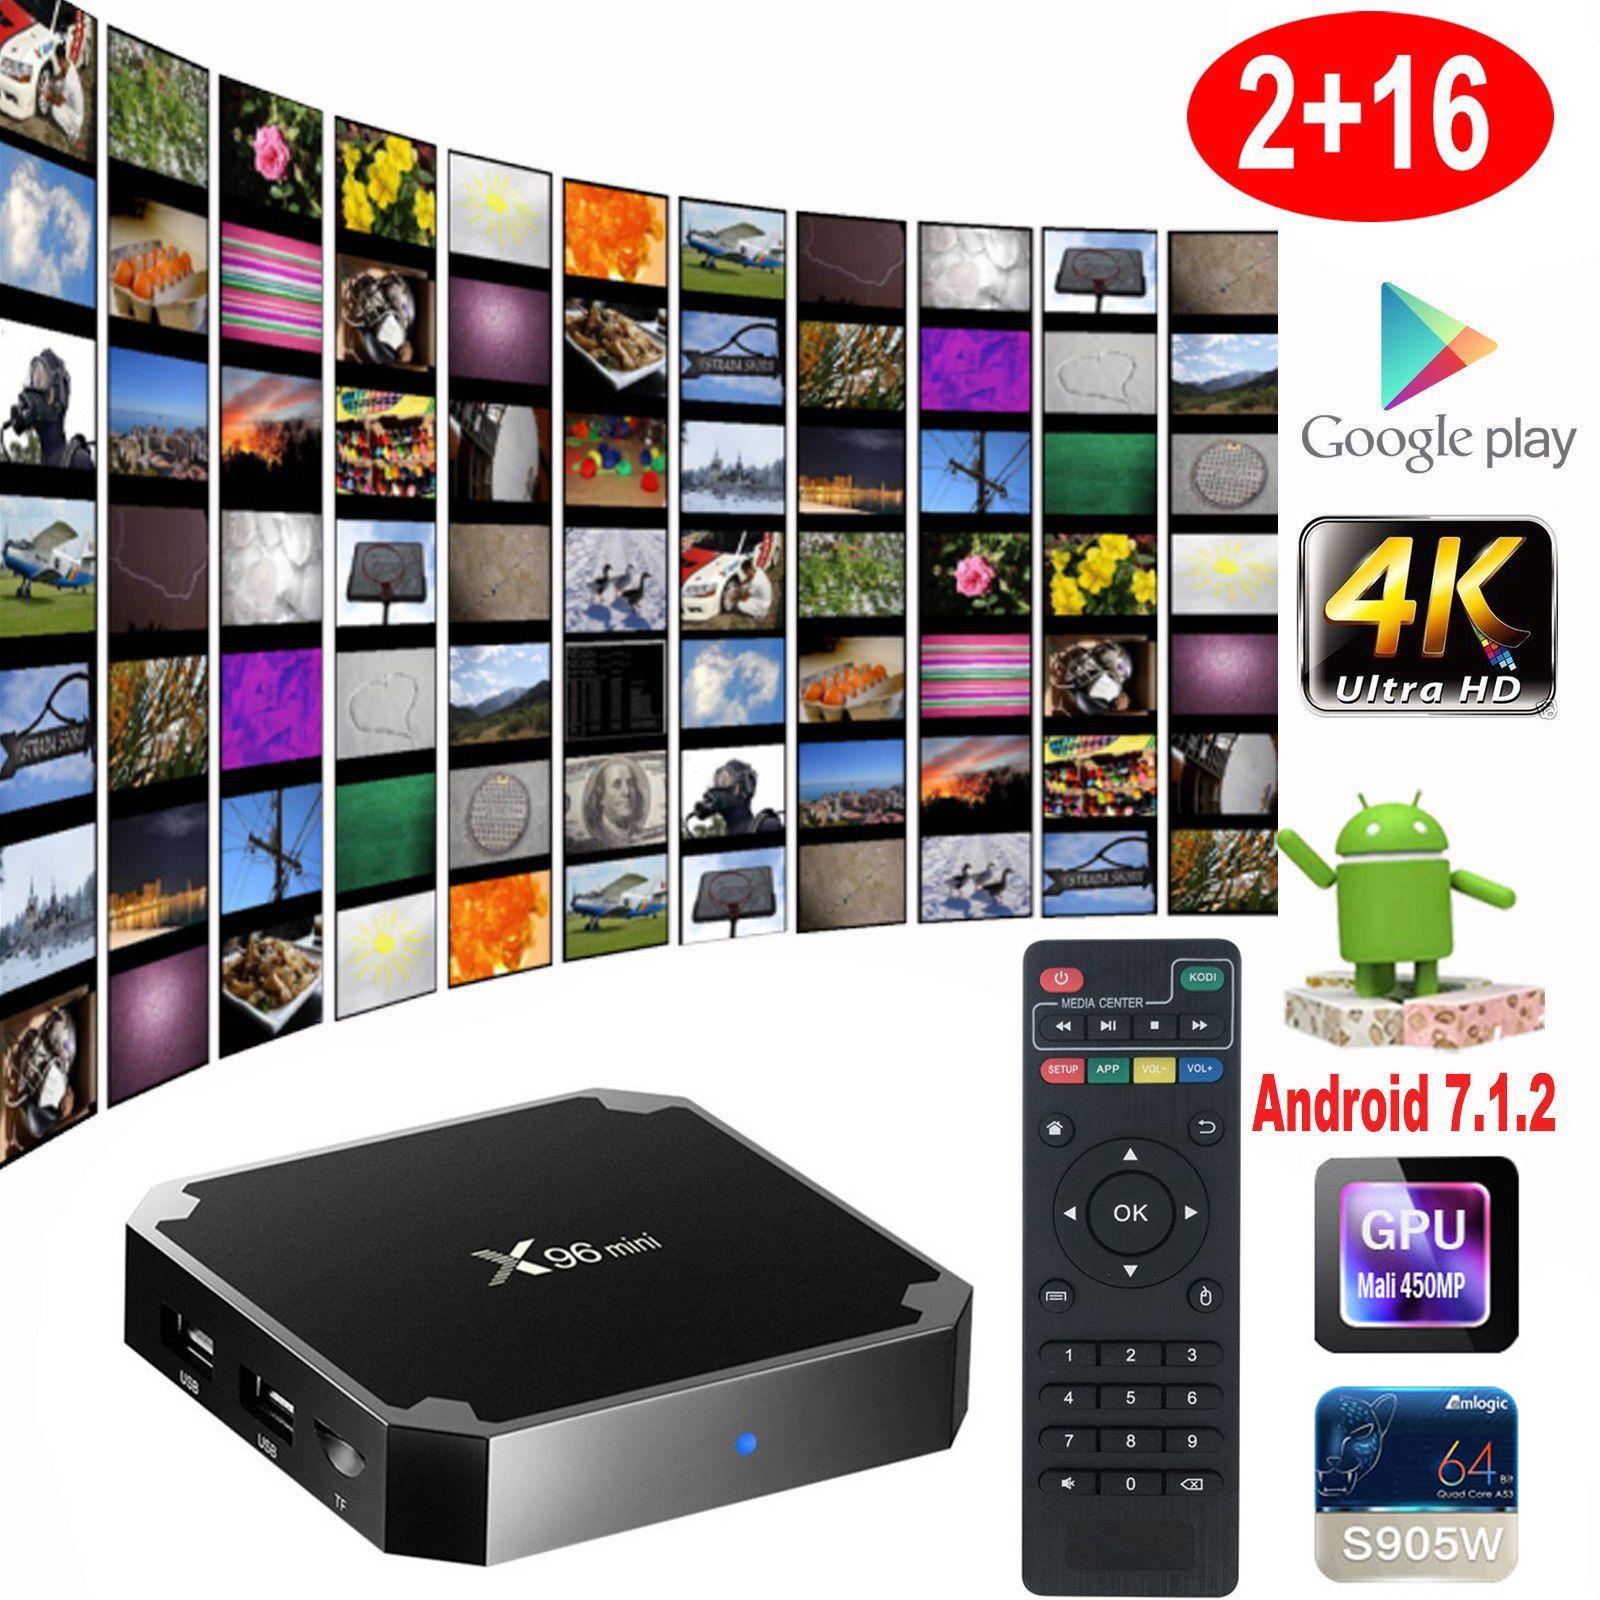 X96 Mini S905W 2GB 16GB TV BOX Android 7.1 Quad Core Good Media Participant WIFI 4K